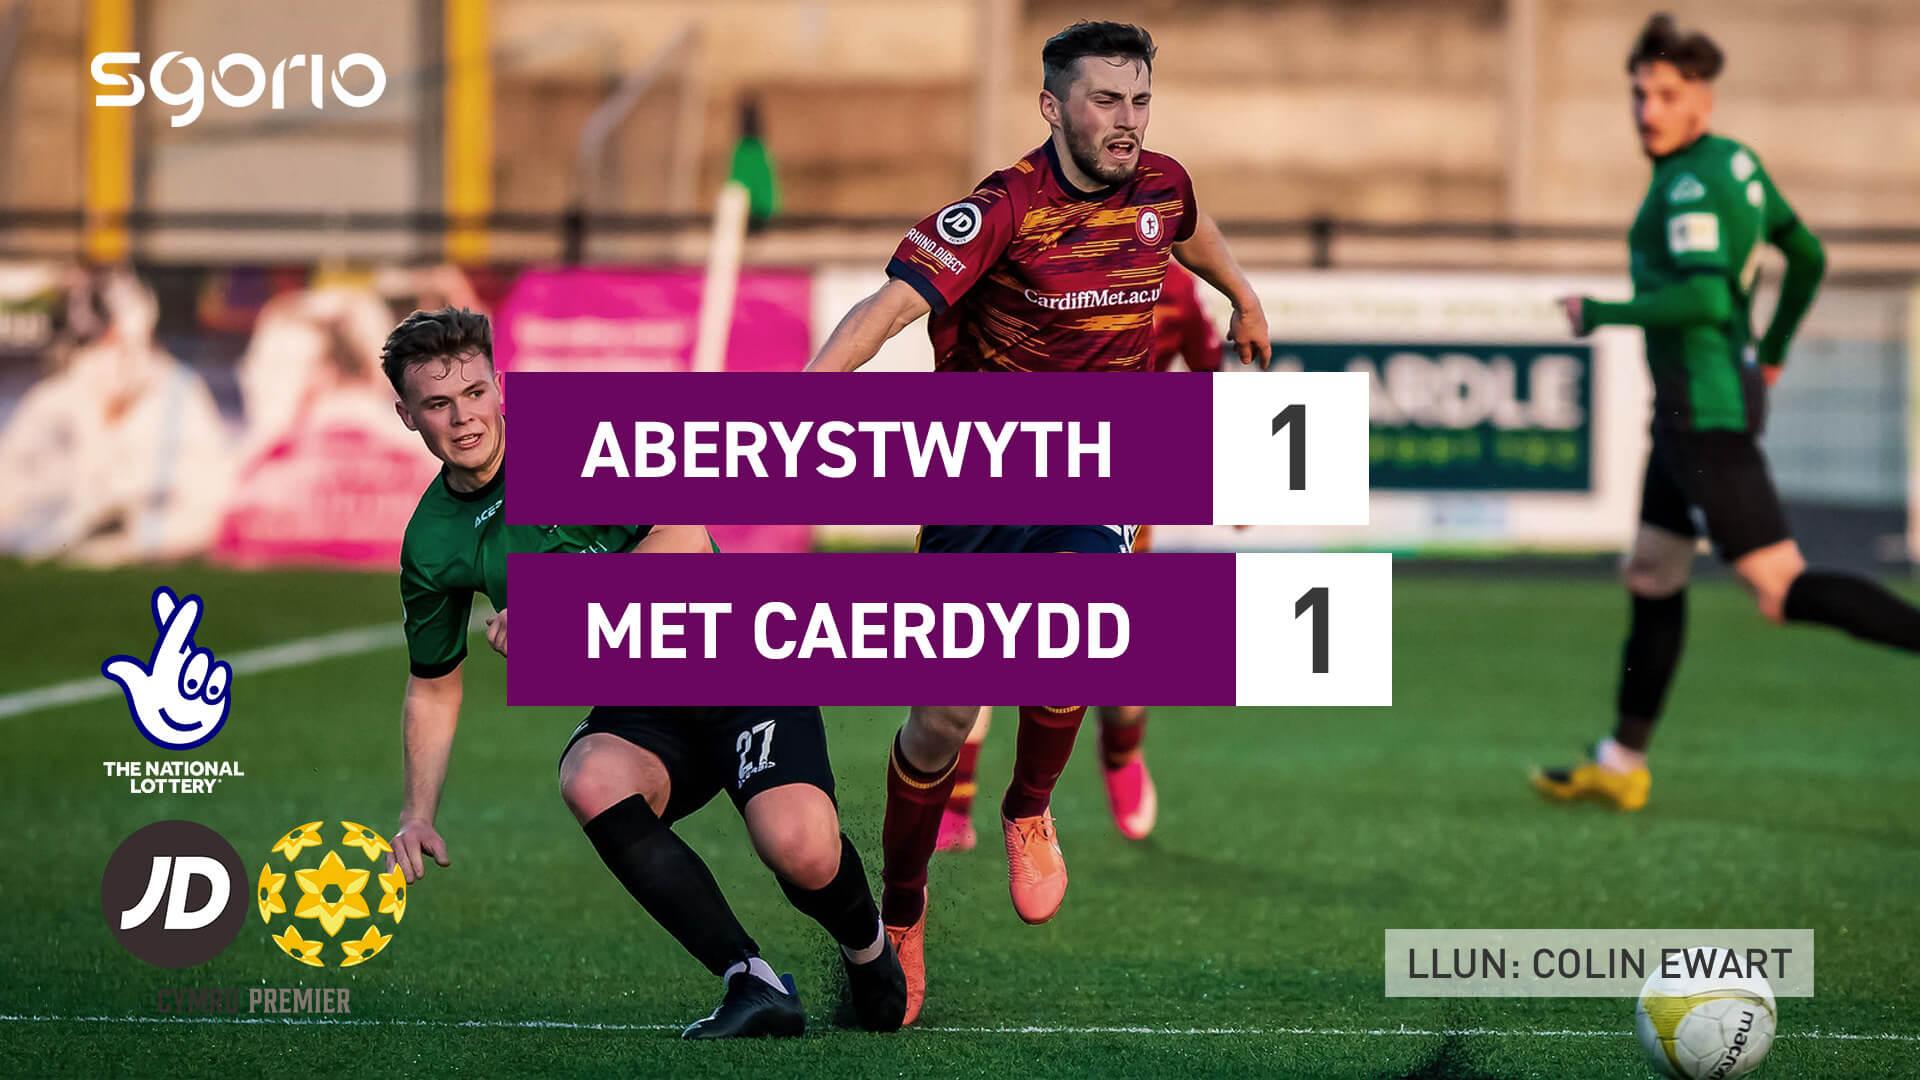 Aberystwyth 1-1 Met Caerdydd